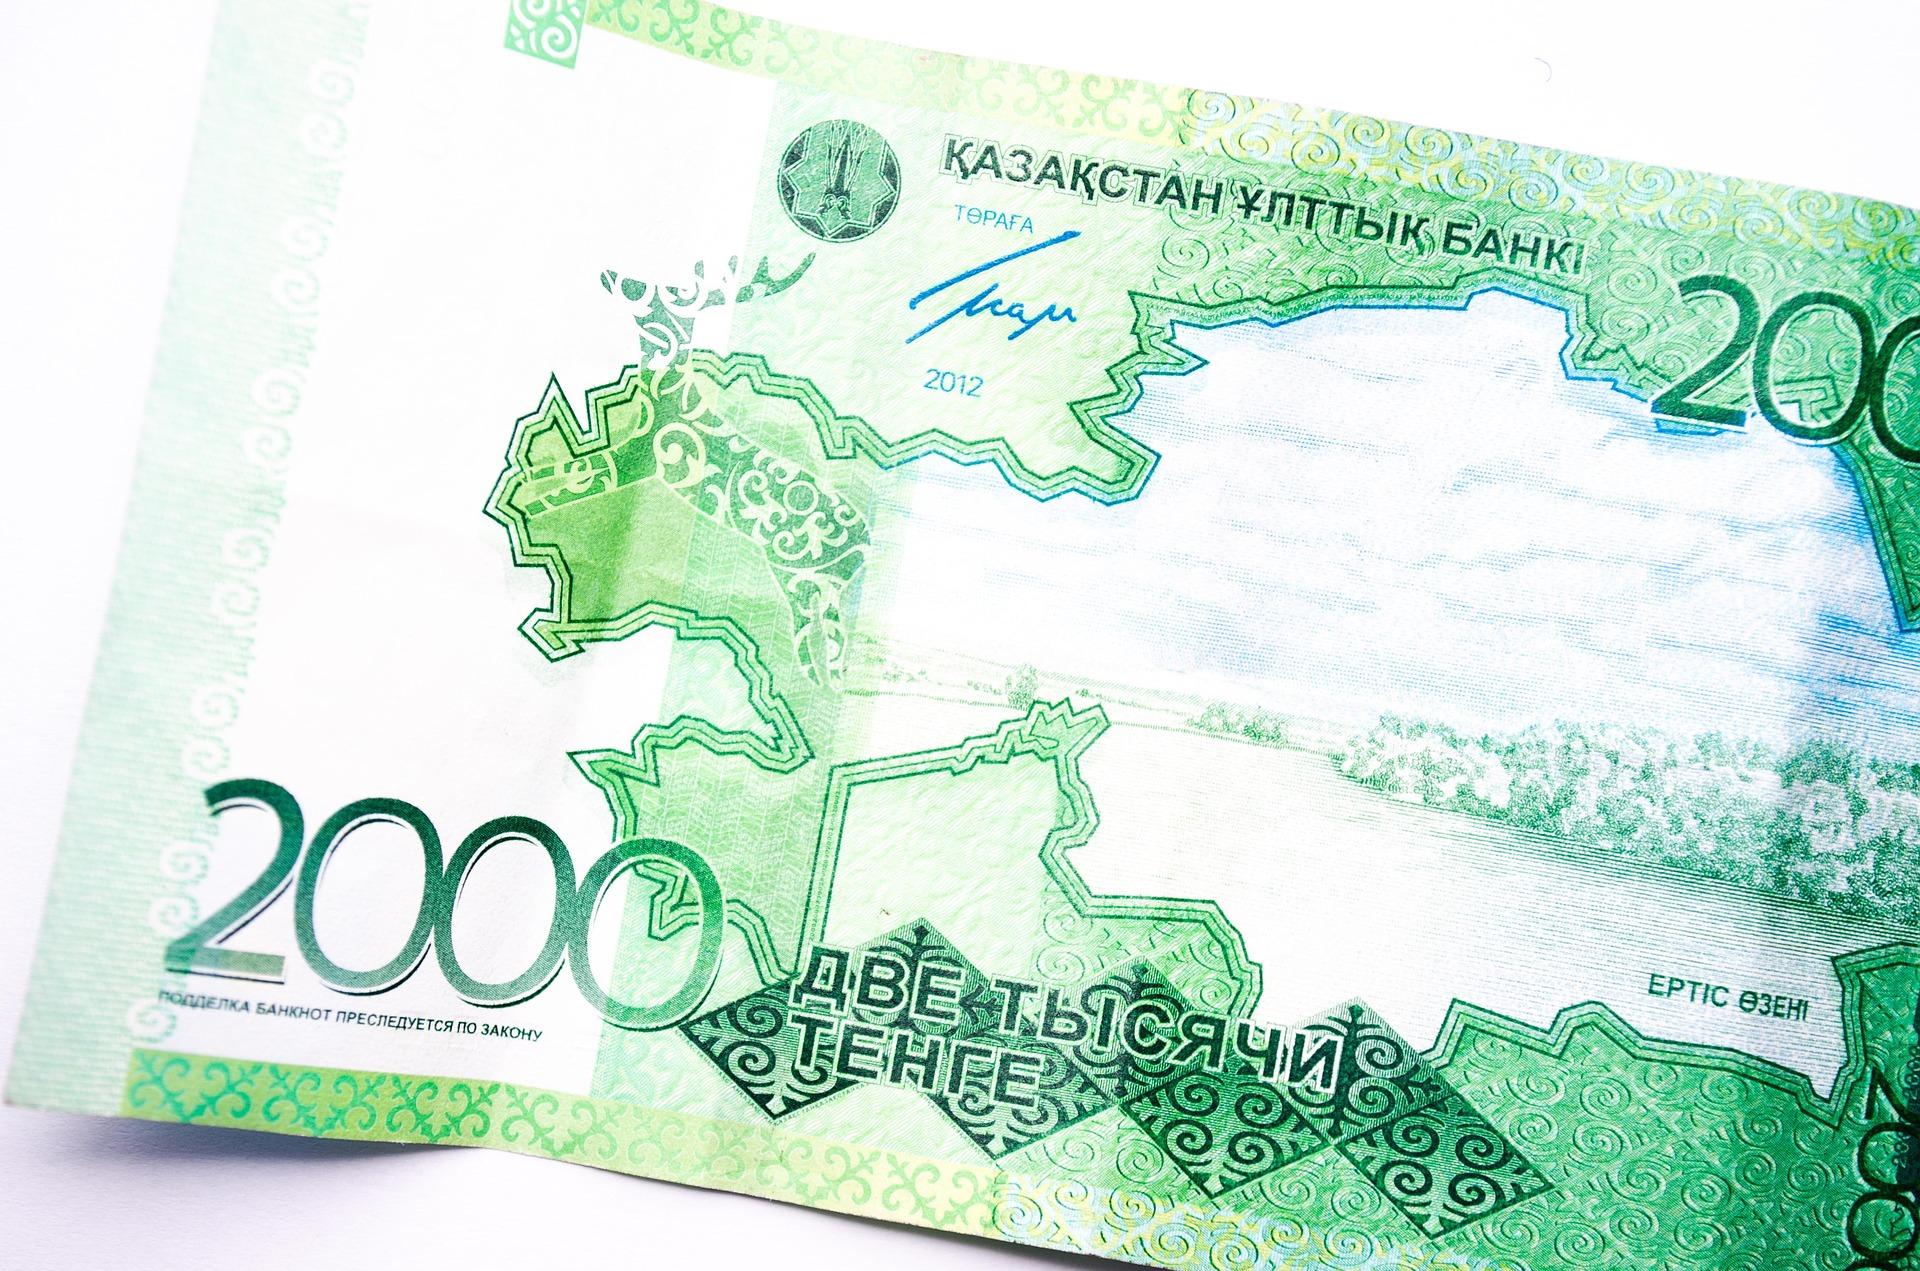 Арест и реализация имущества должников в Казахстане. Что нужно знать?